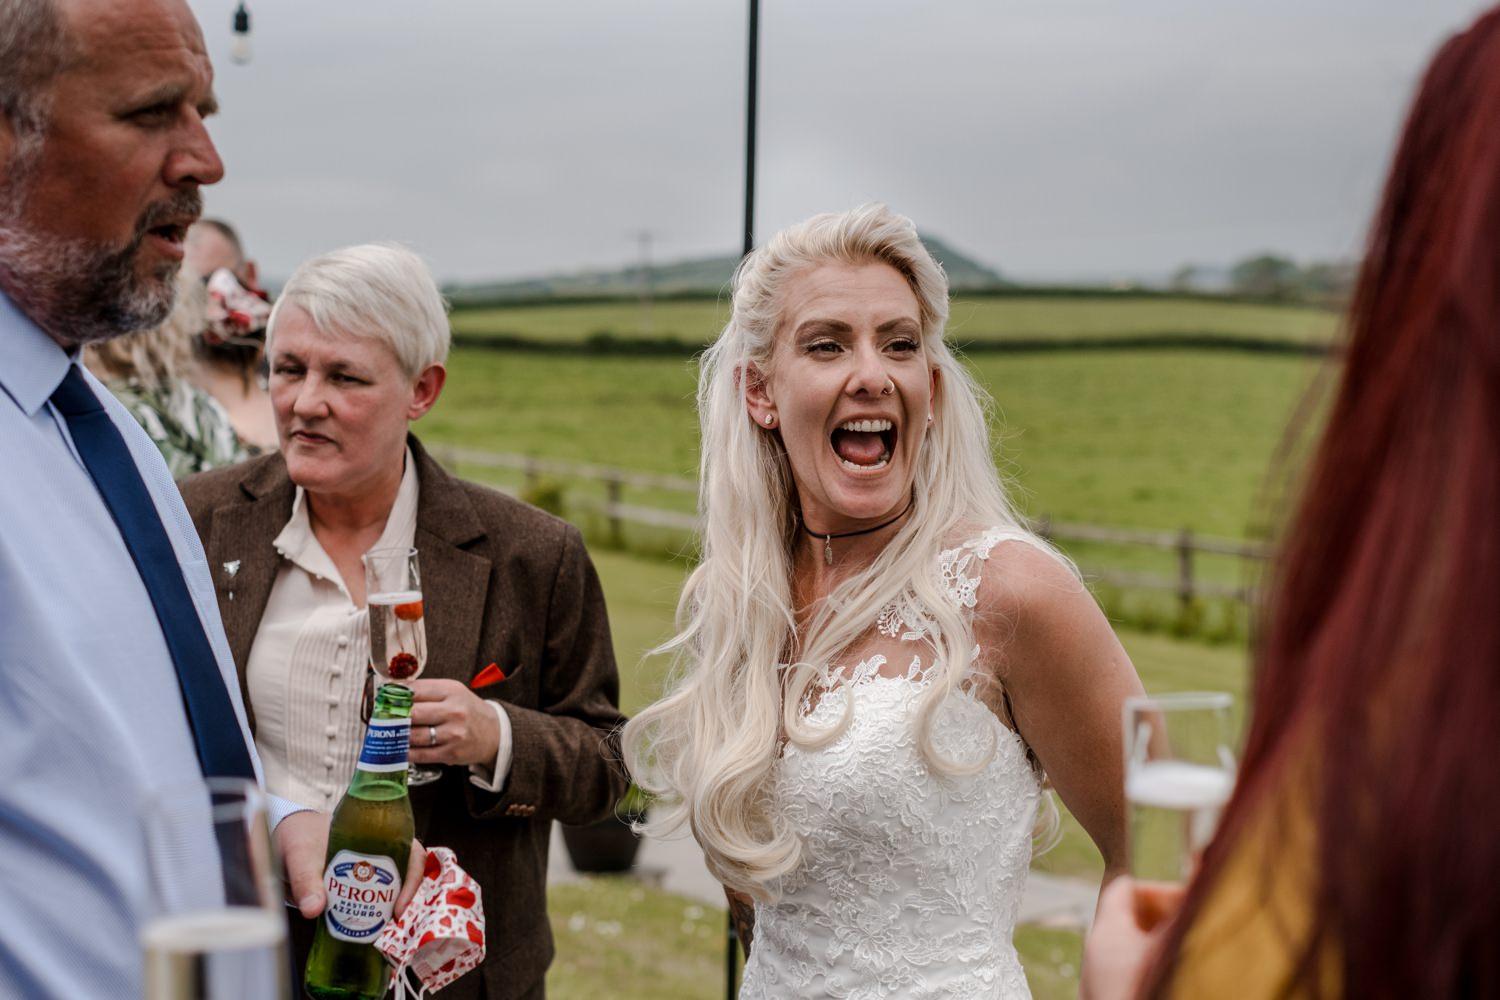 Same sex wedding reception ar Ocean View Windmill Farm, South Wales